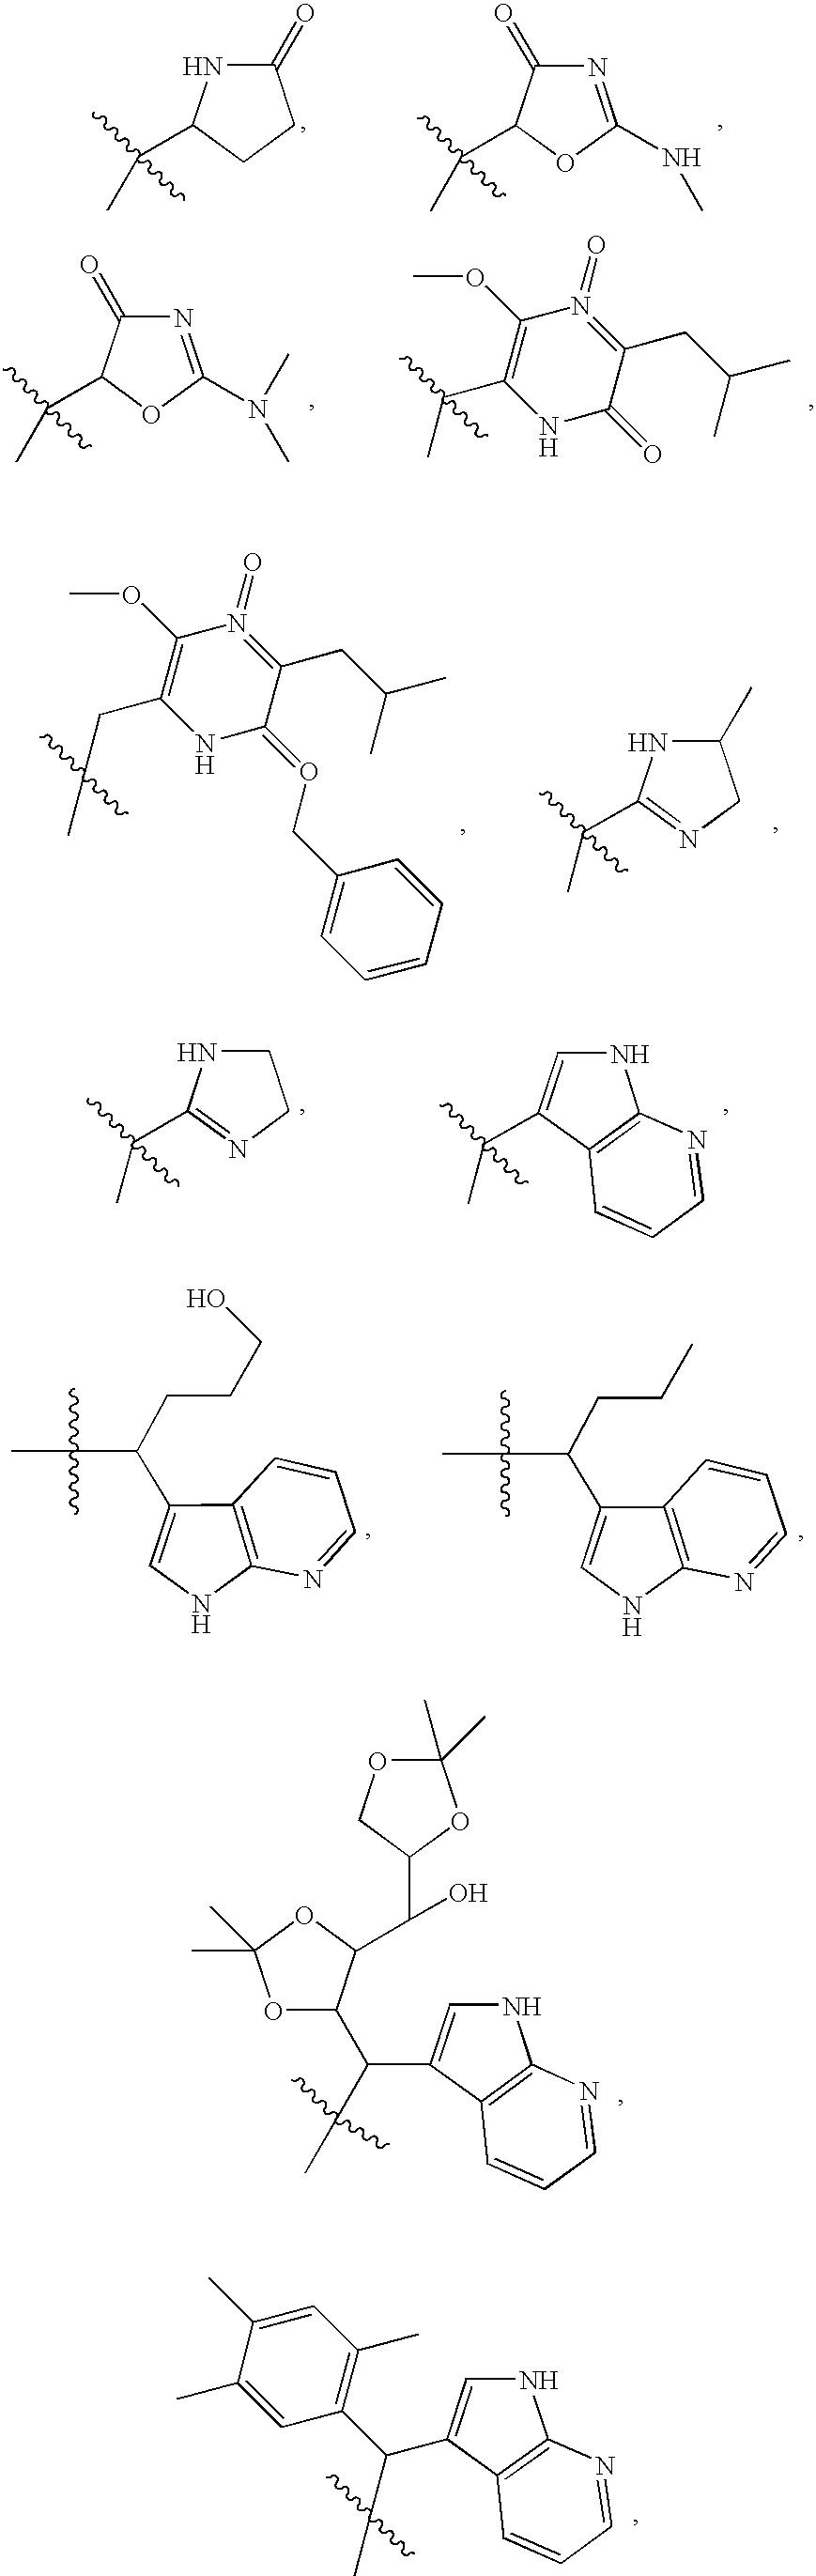 Figure US20100249118A1-20100930-C00032